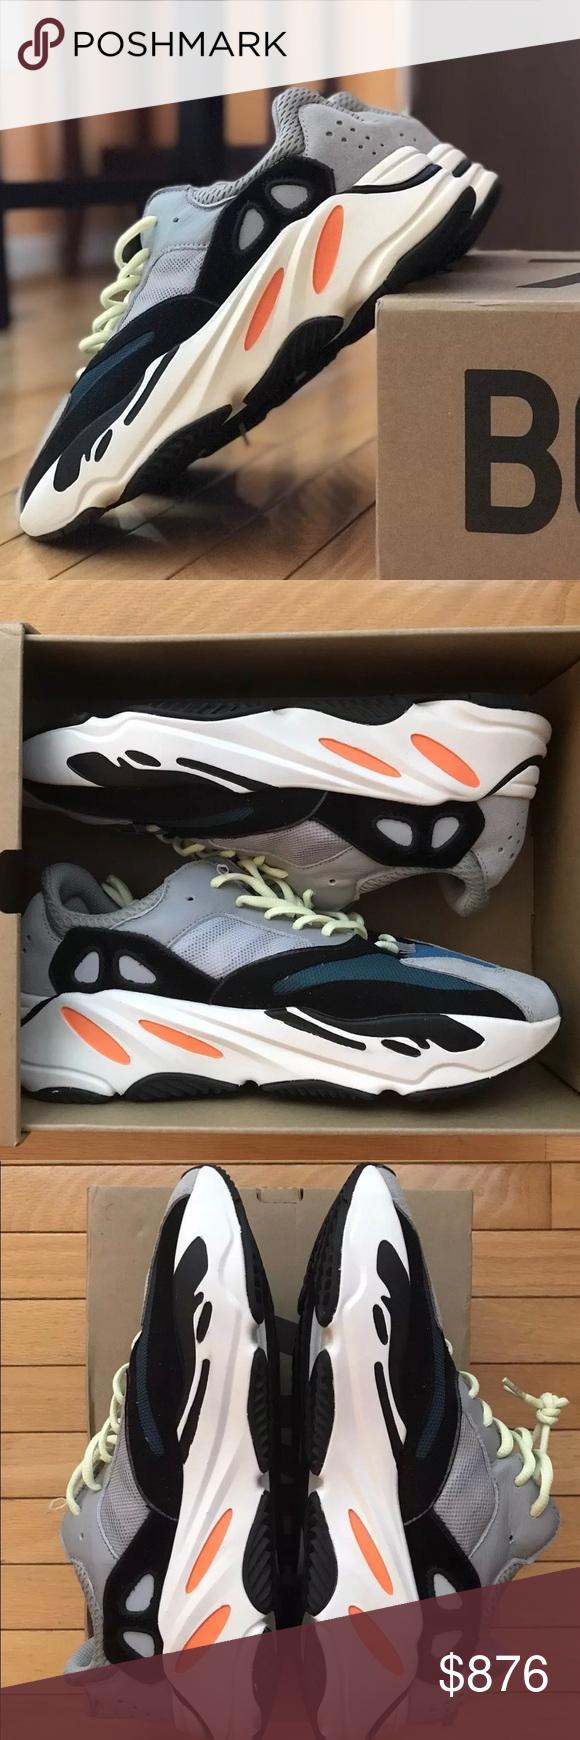 Adidas yeezy spinta 700 cavalcatori di onde numero 11 nuovi in scatola non e 'mai indossato